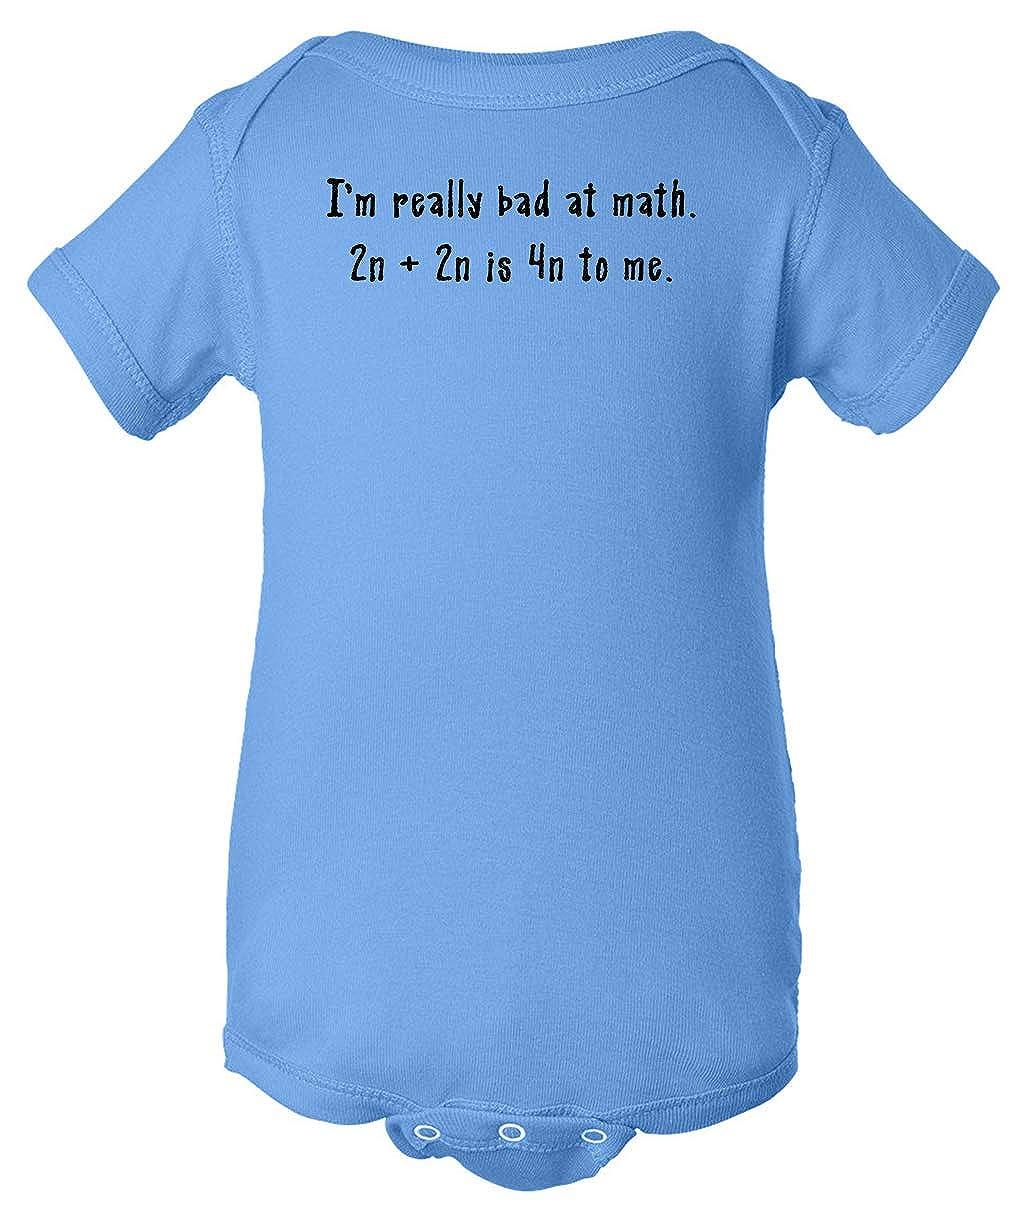 Tenacitee Babys Foreign Math Shirt